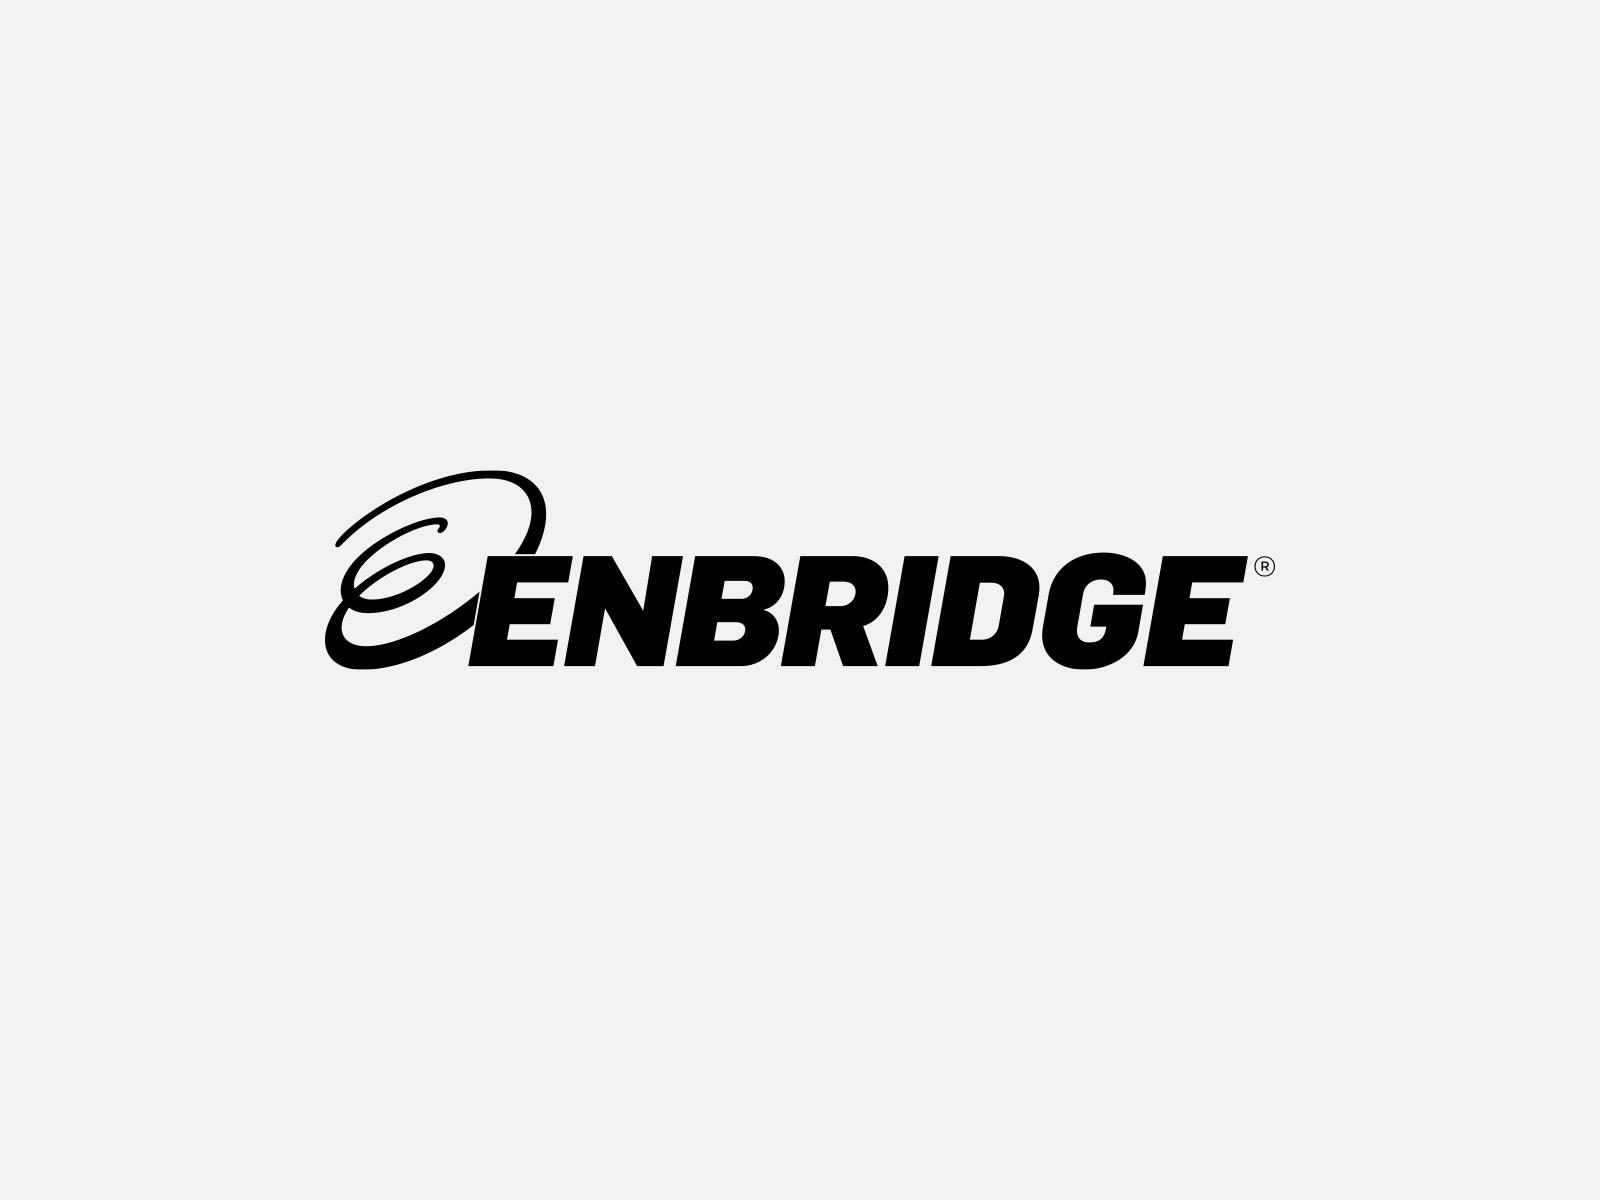 Enbridge by Leo Burnett Design